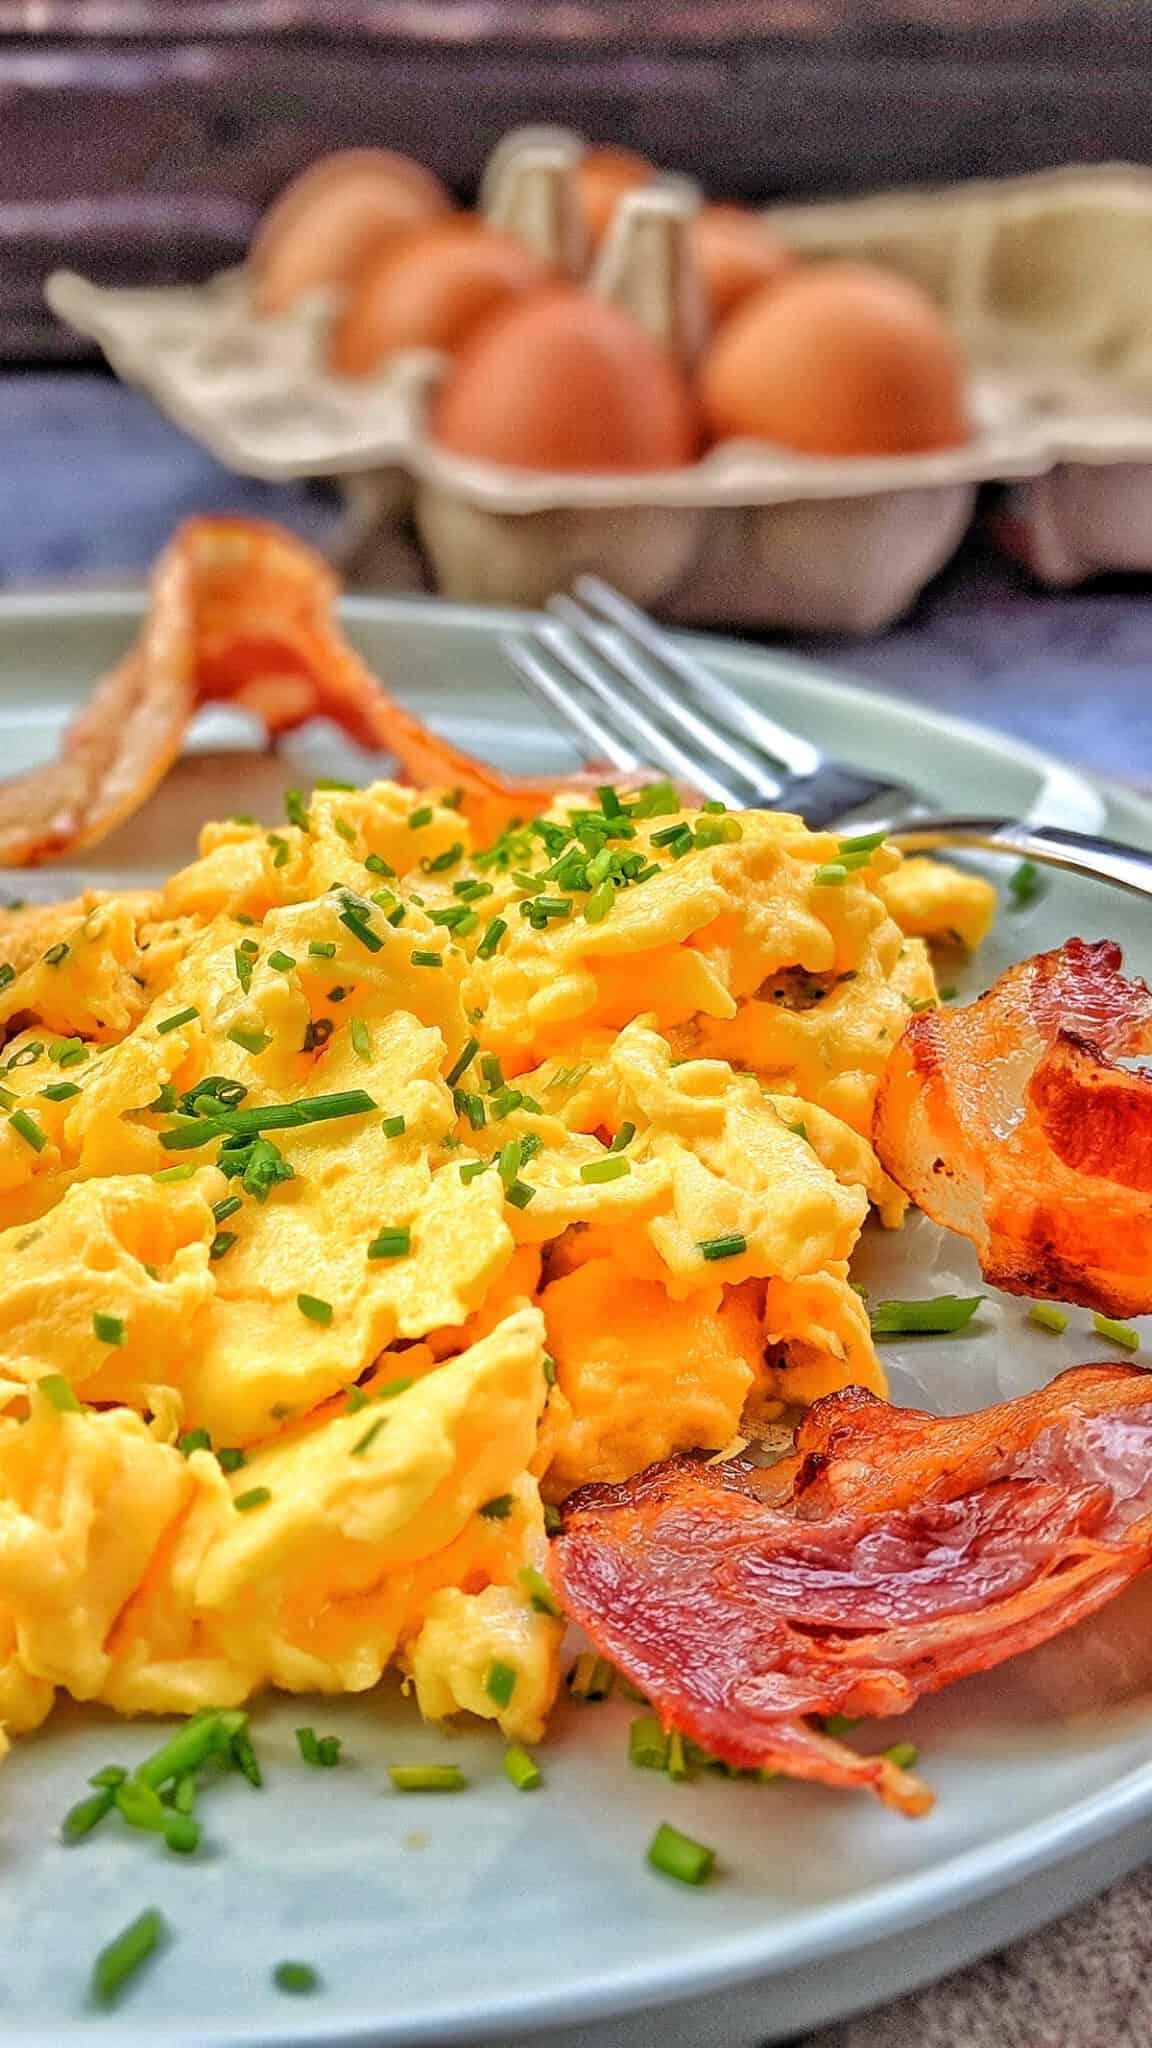 Ein Teller mit Rührei und Bacon. Im Hintergrund ein Packung Eier als Deko.